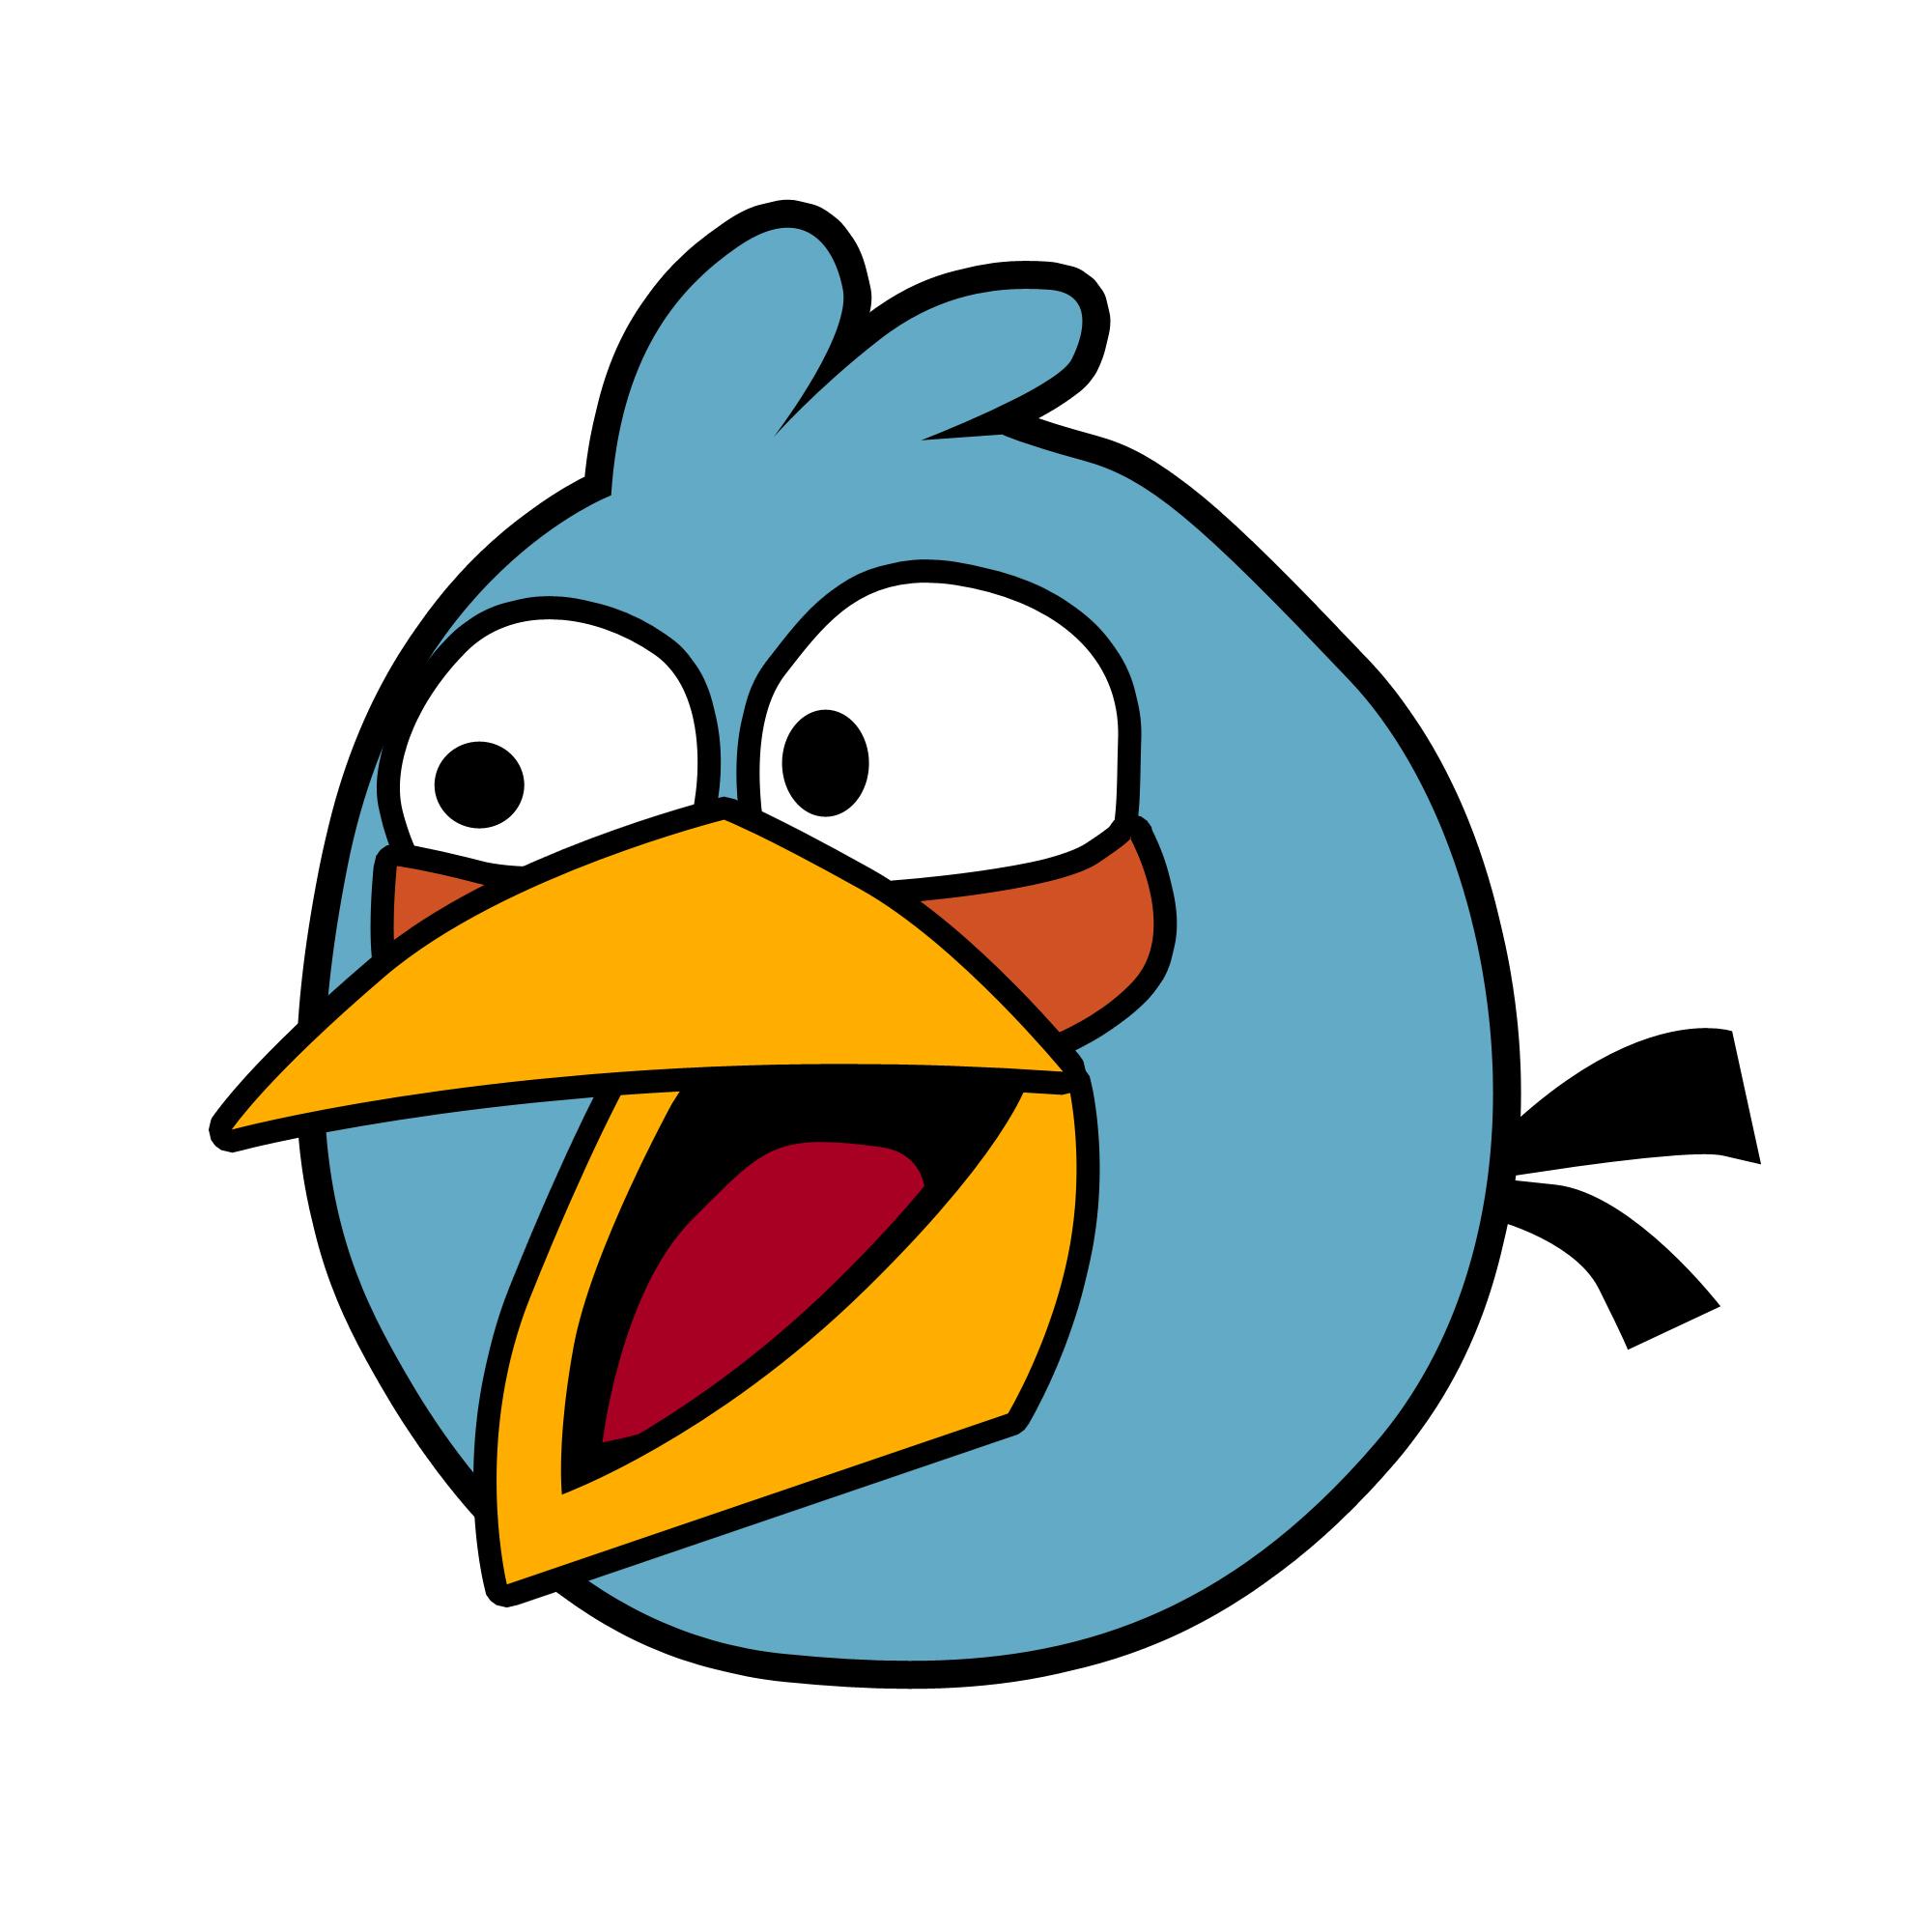 Welke Angry Bird ben jij? - Uitkomsten - Quizlet.nl